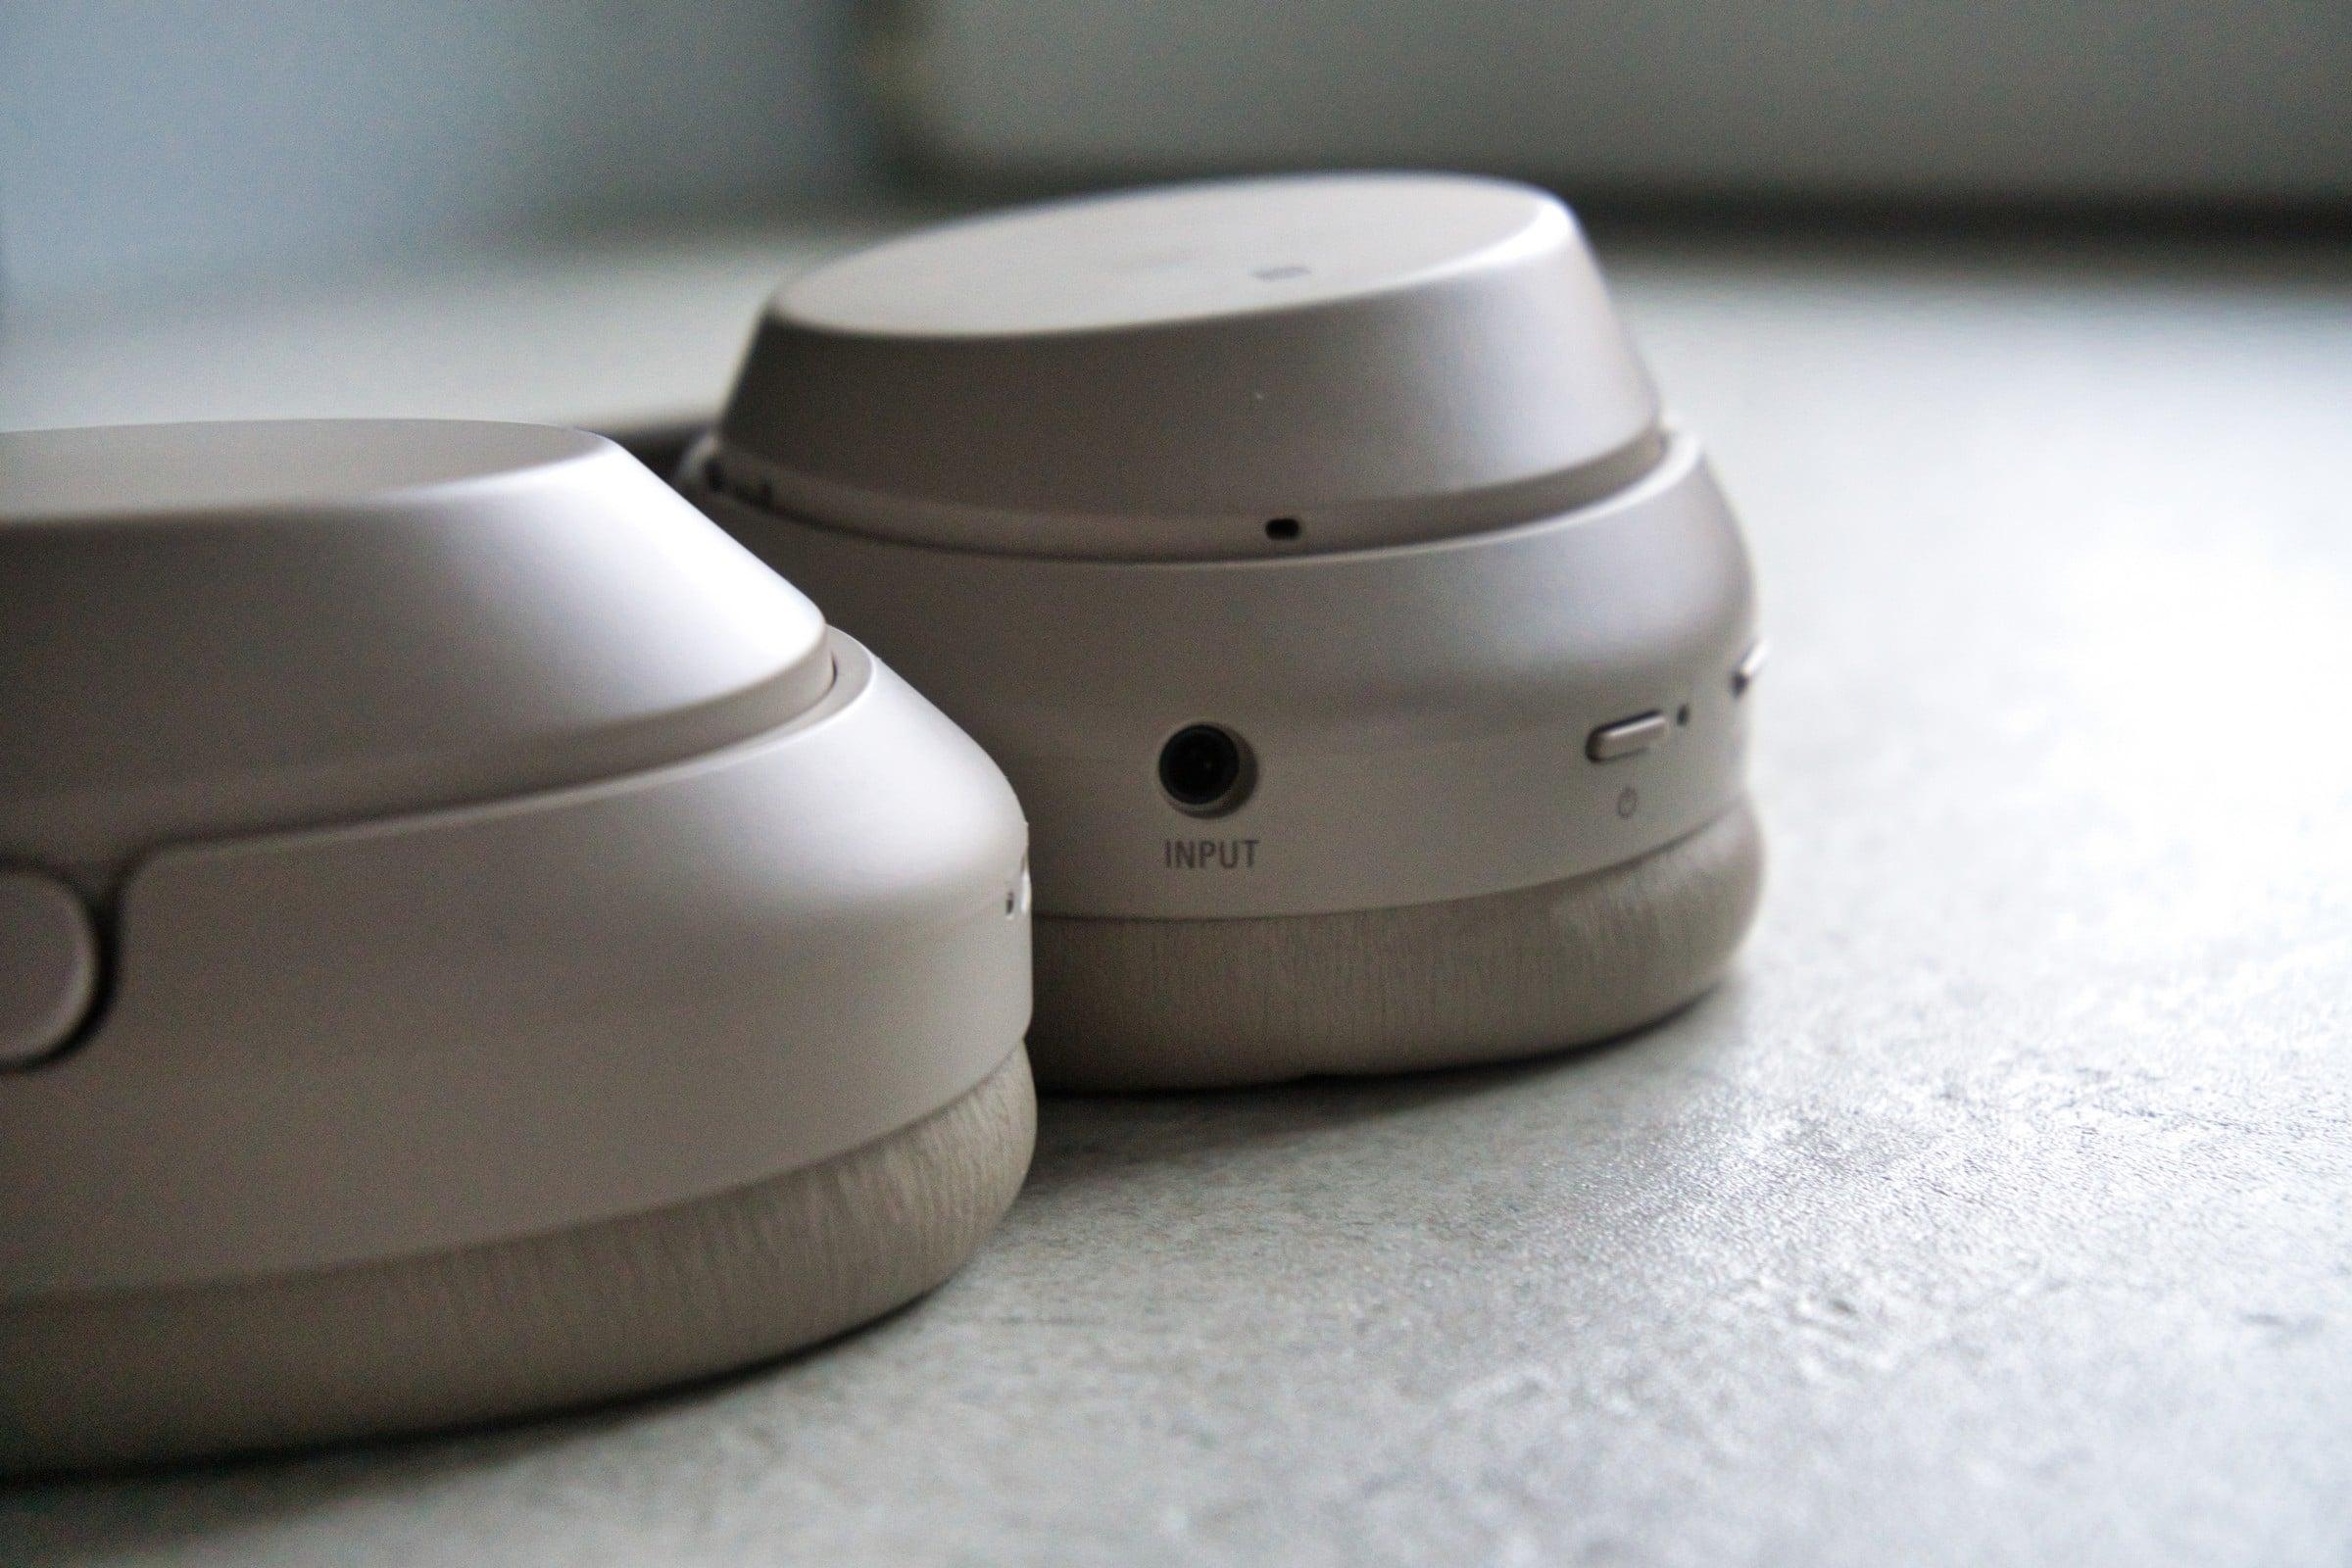 Szukasz dobrych słuchawek z ANC? Poczekaj, wkrótce premiera Sony WH-1000XM4 18